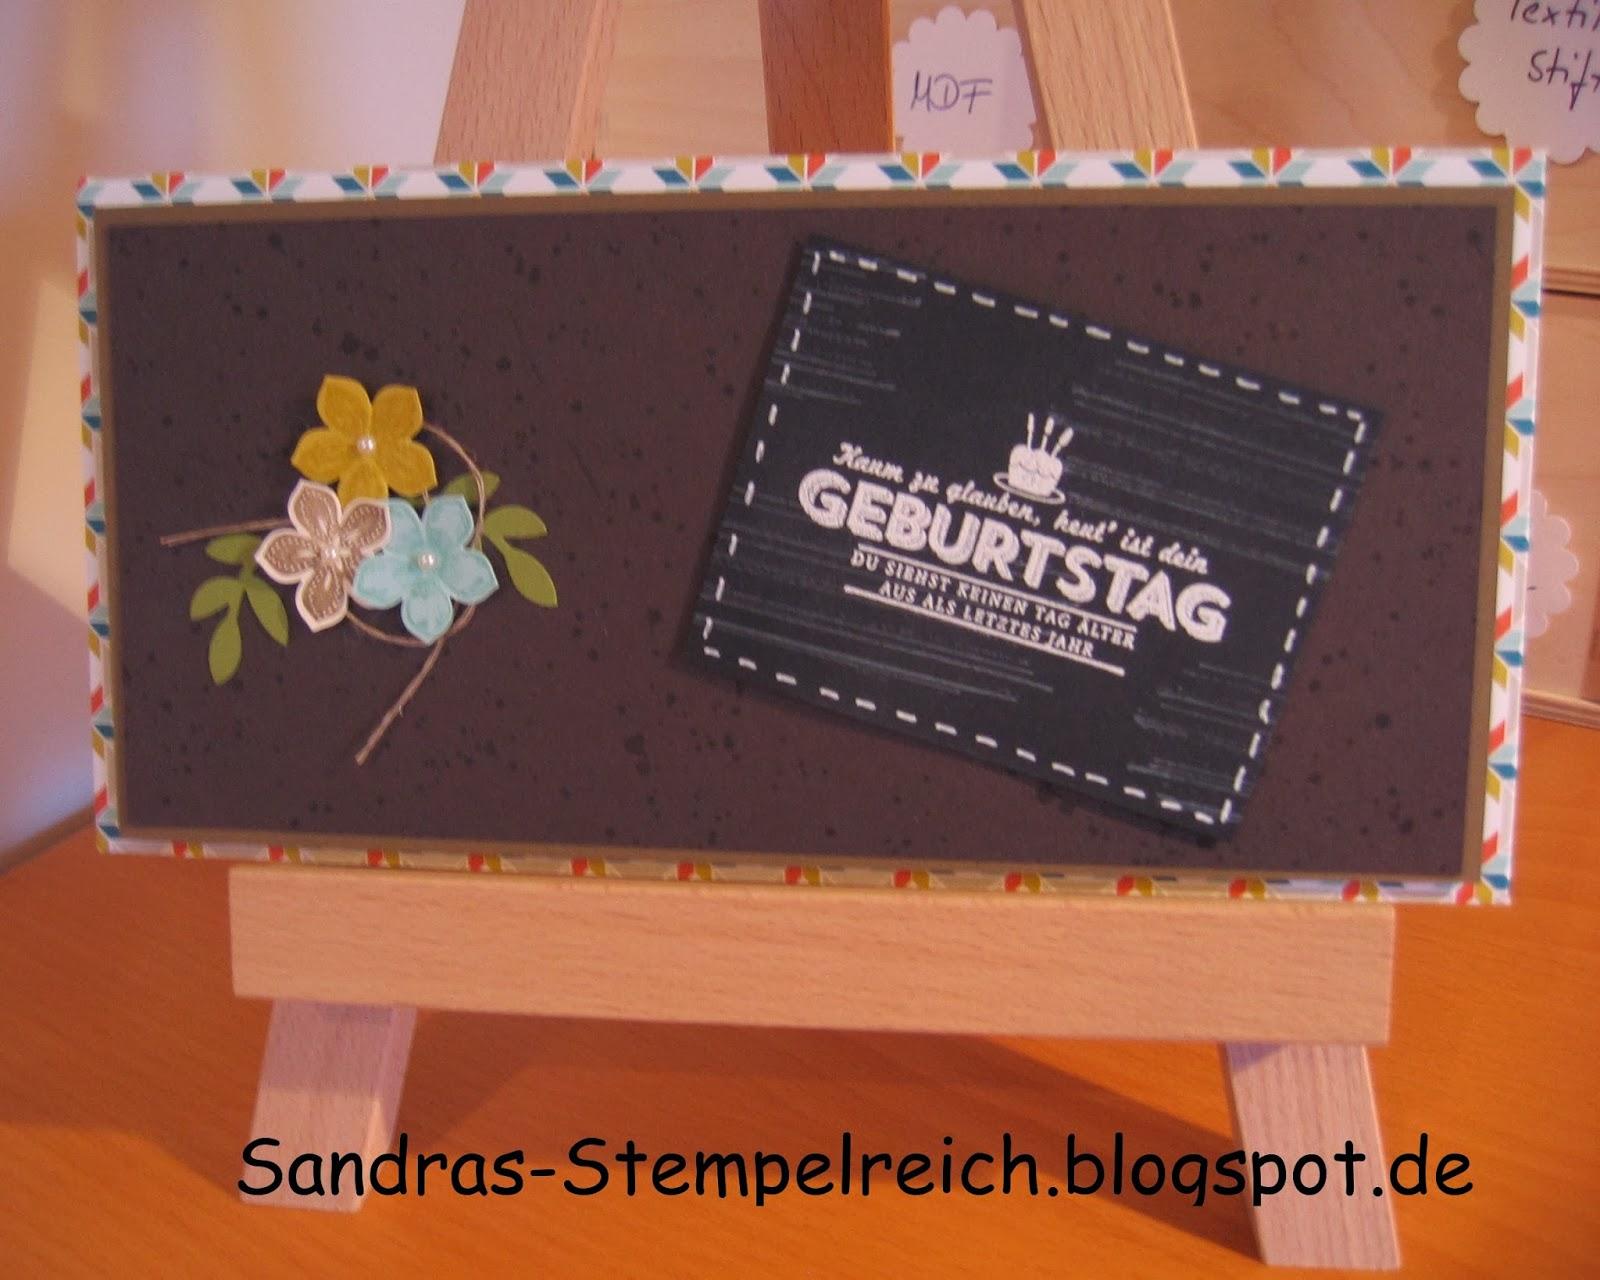 Hintergrundbilder Schwarz Weiß Mit Farbe - Hd Wallpapers For Laptop 1920X1080 Free Download